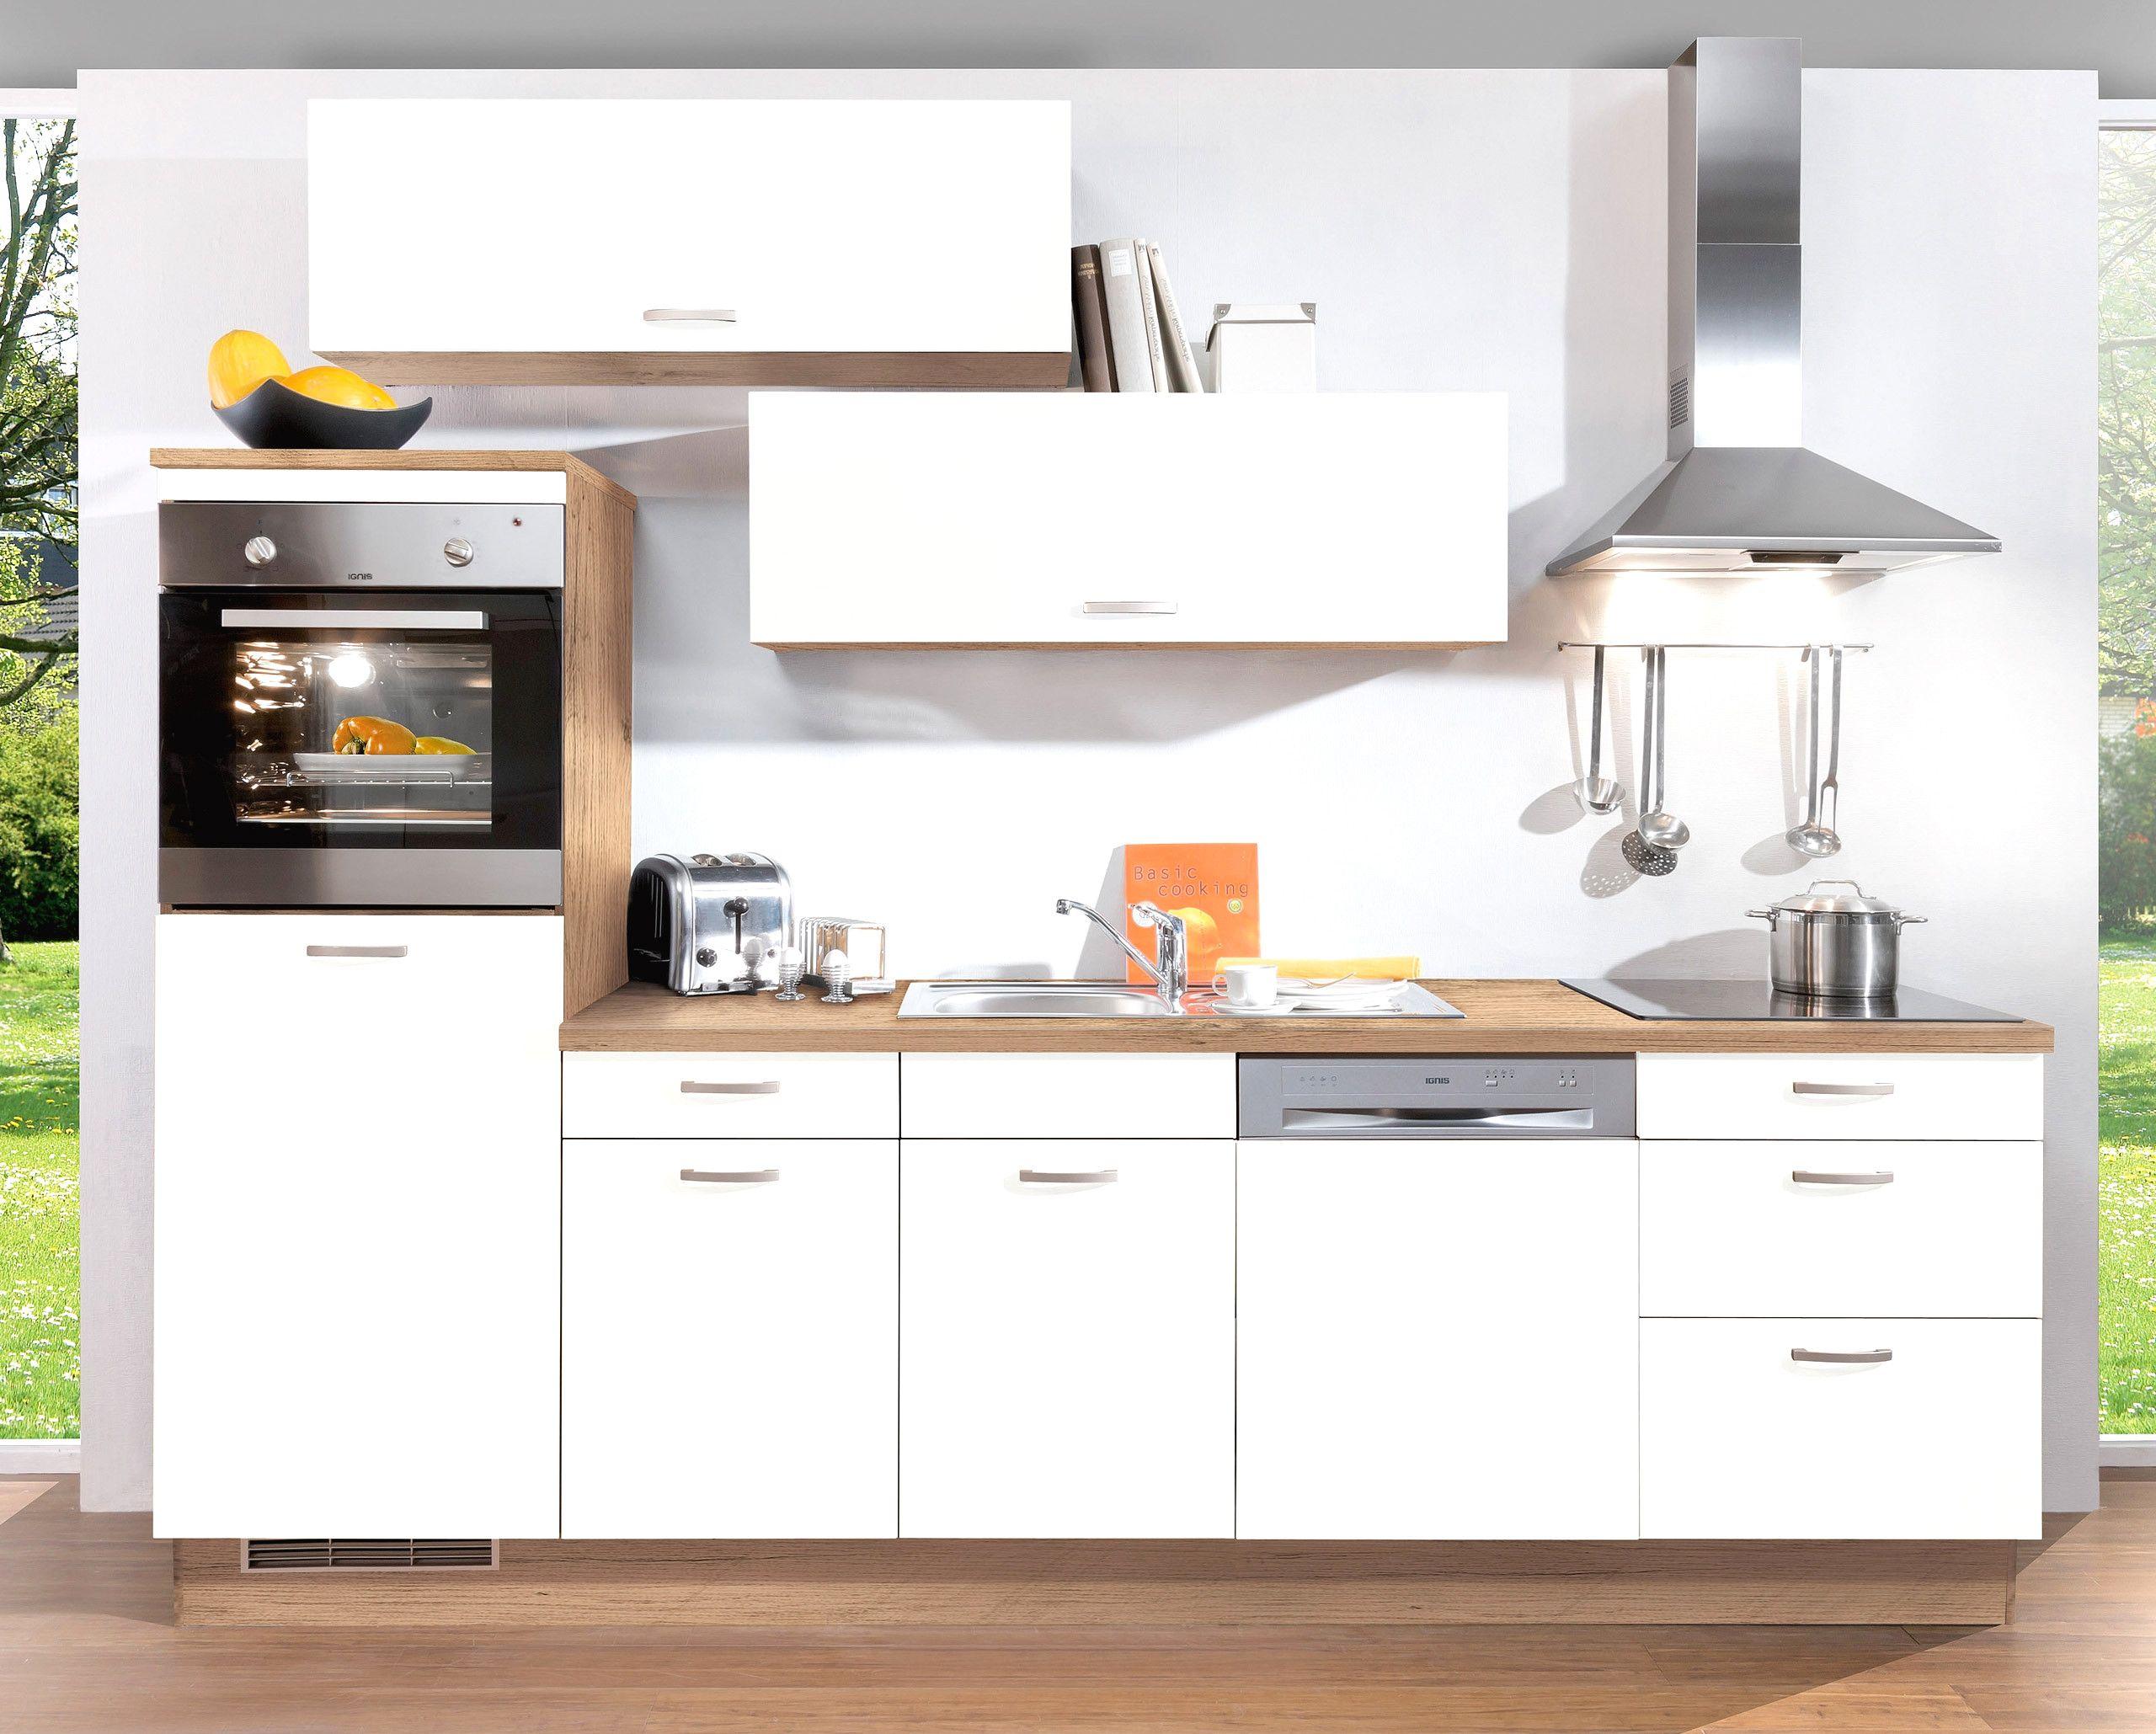 küchenmöbel einzelschränke 9 Unterschrank küche, Küche